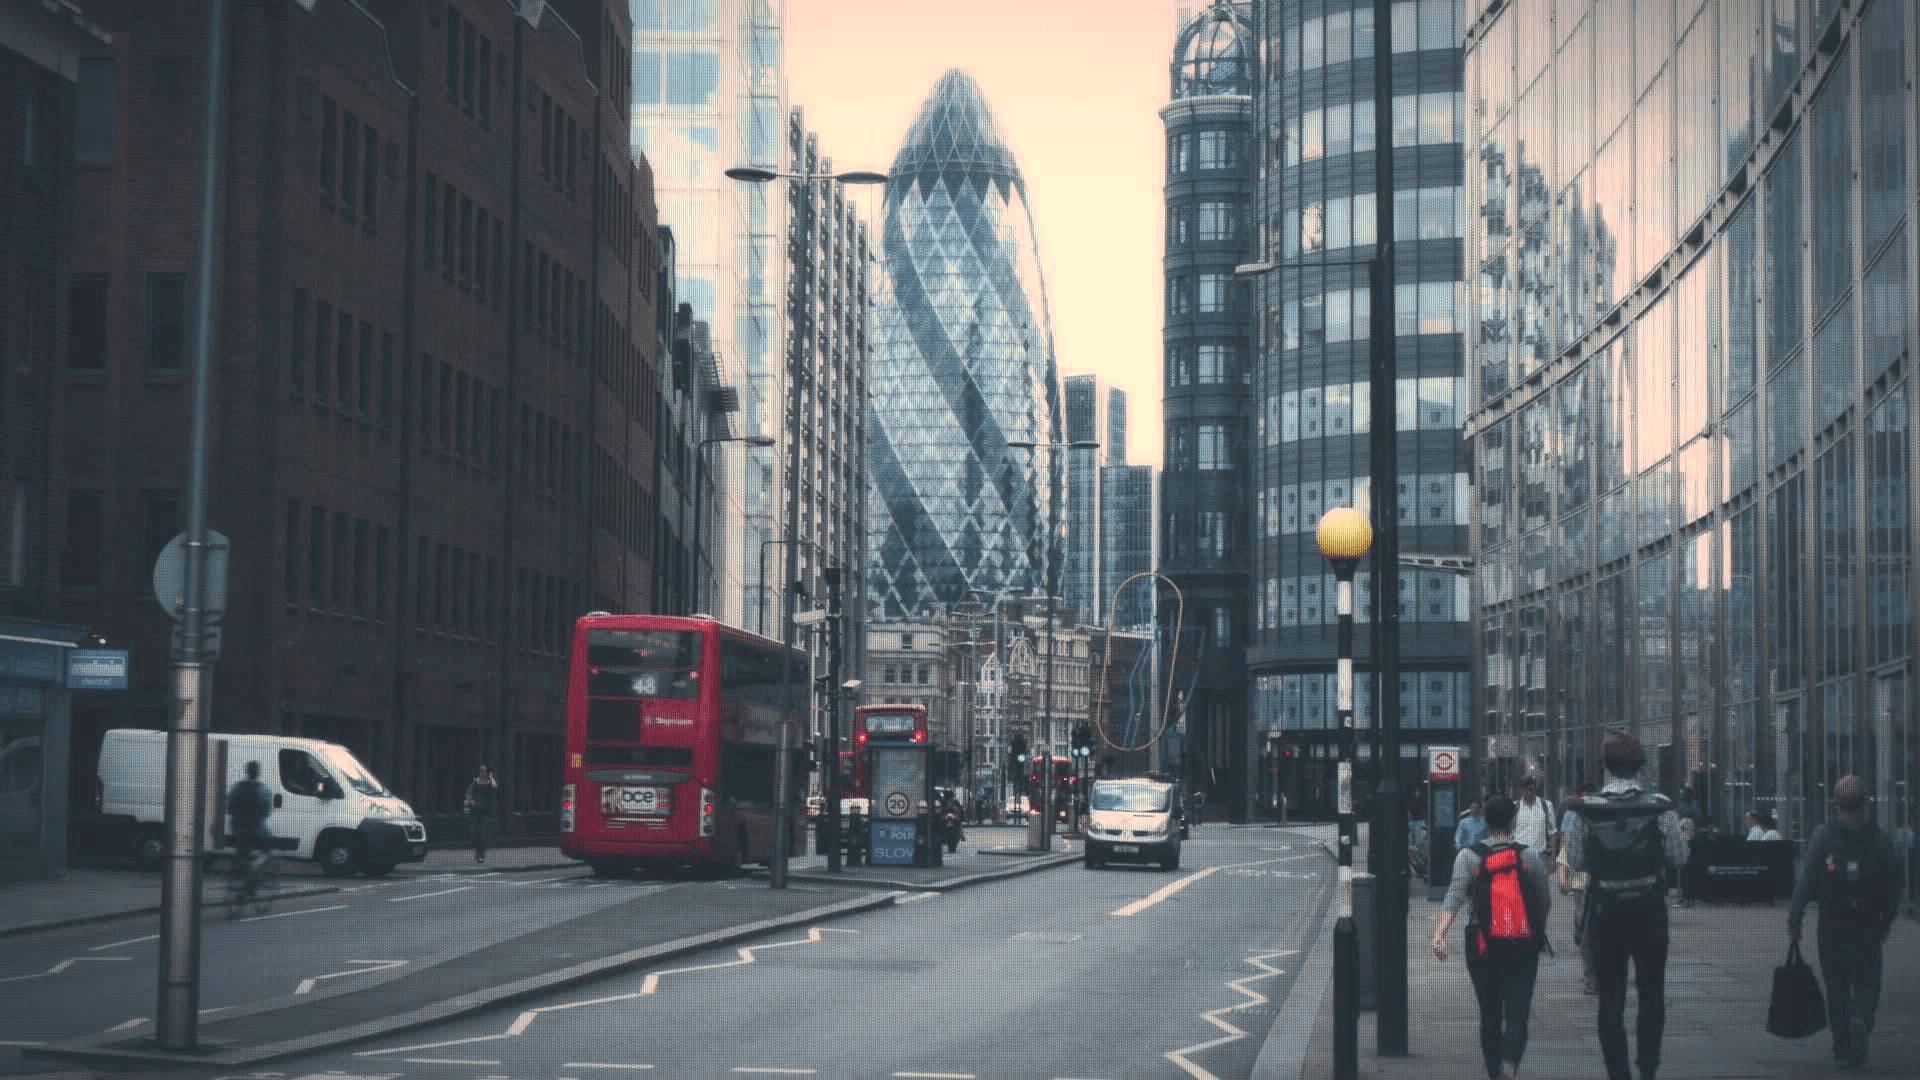 『イーサリアム(Ethereum)』 デベロッパーカンファレンス In ロンドンレポート